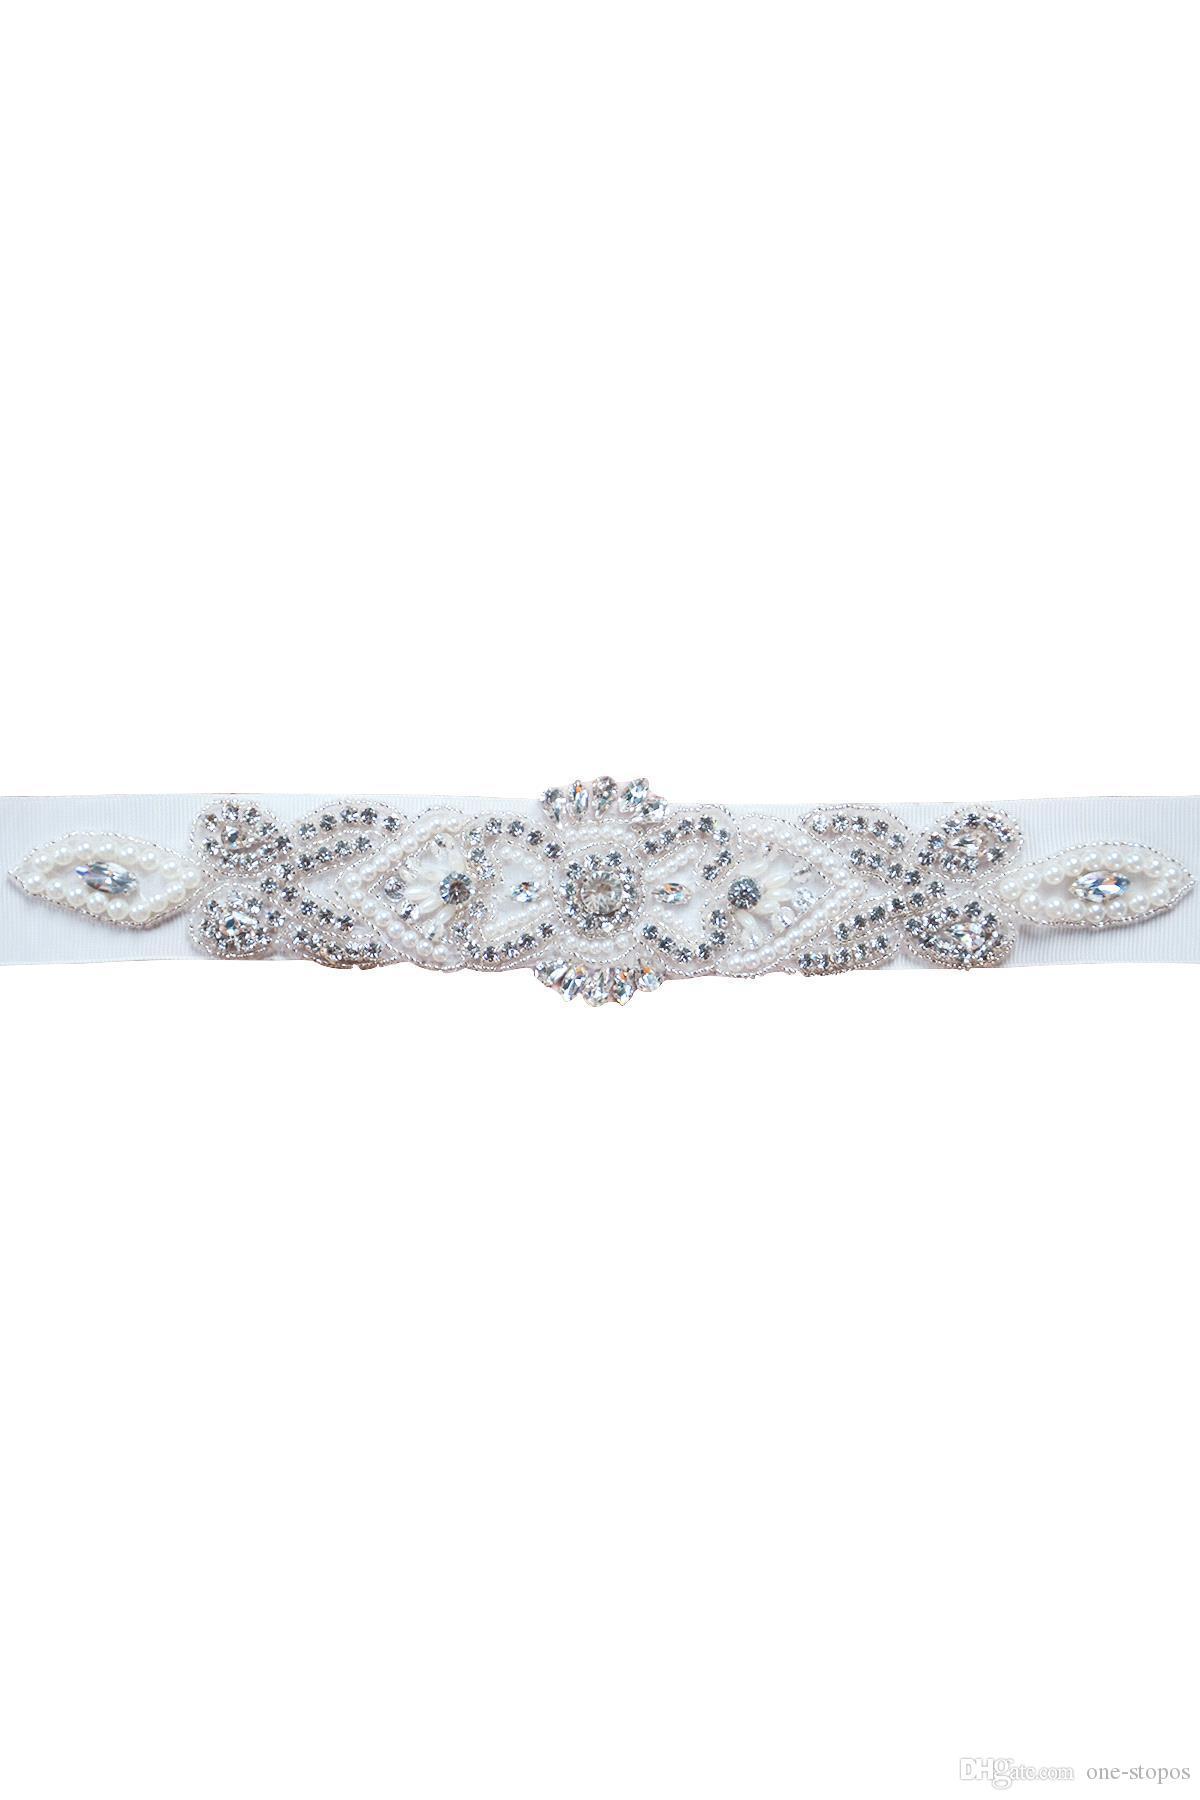 الكريستال حزام الزفاف حجر الراين مطرز بيرل فستان الزفاف الزنانير حزام الأبيض البيج جودة عالية رخيصة أنيقة حزام الزفاف شاح